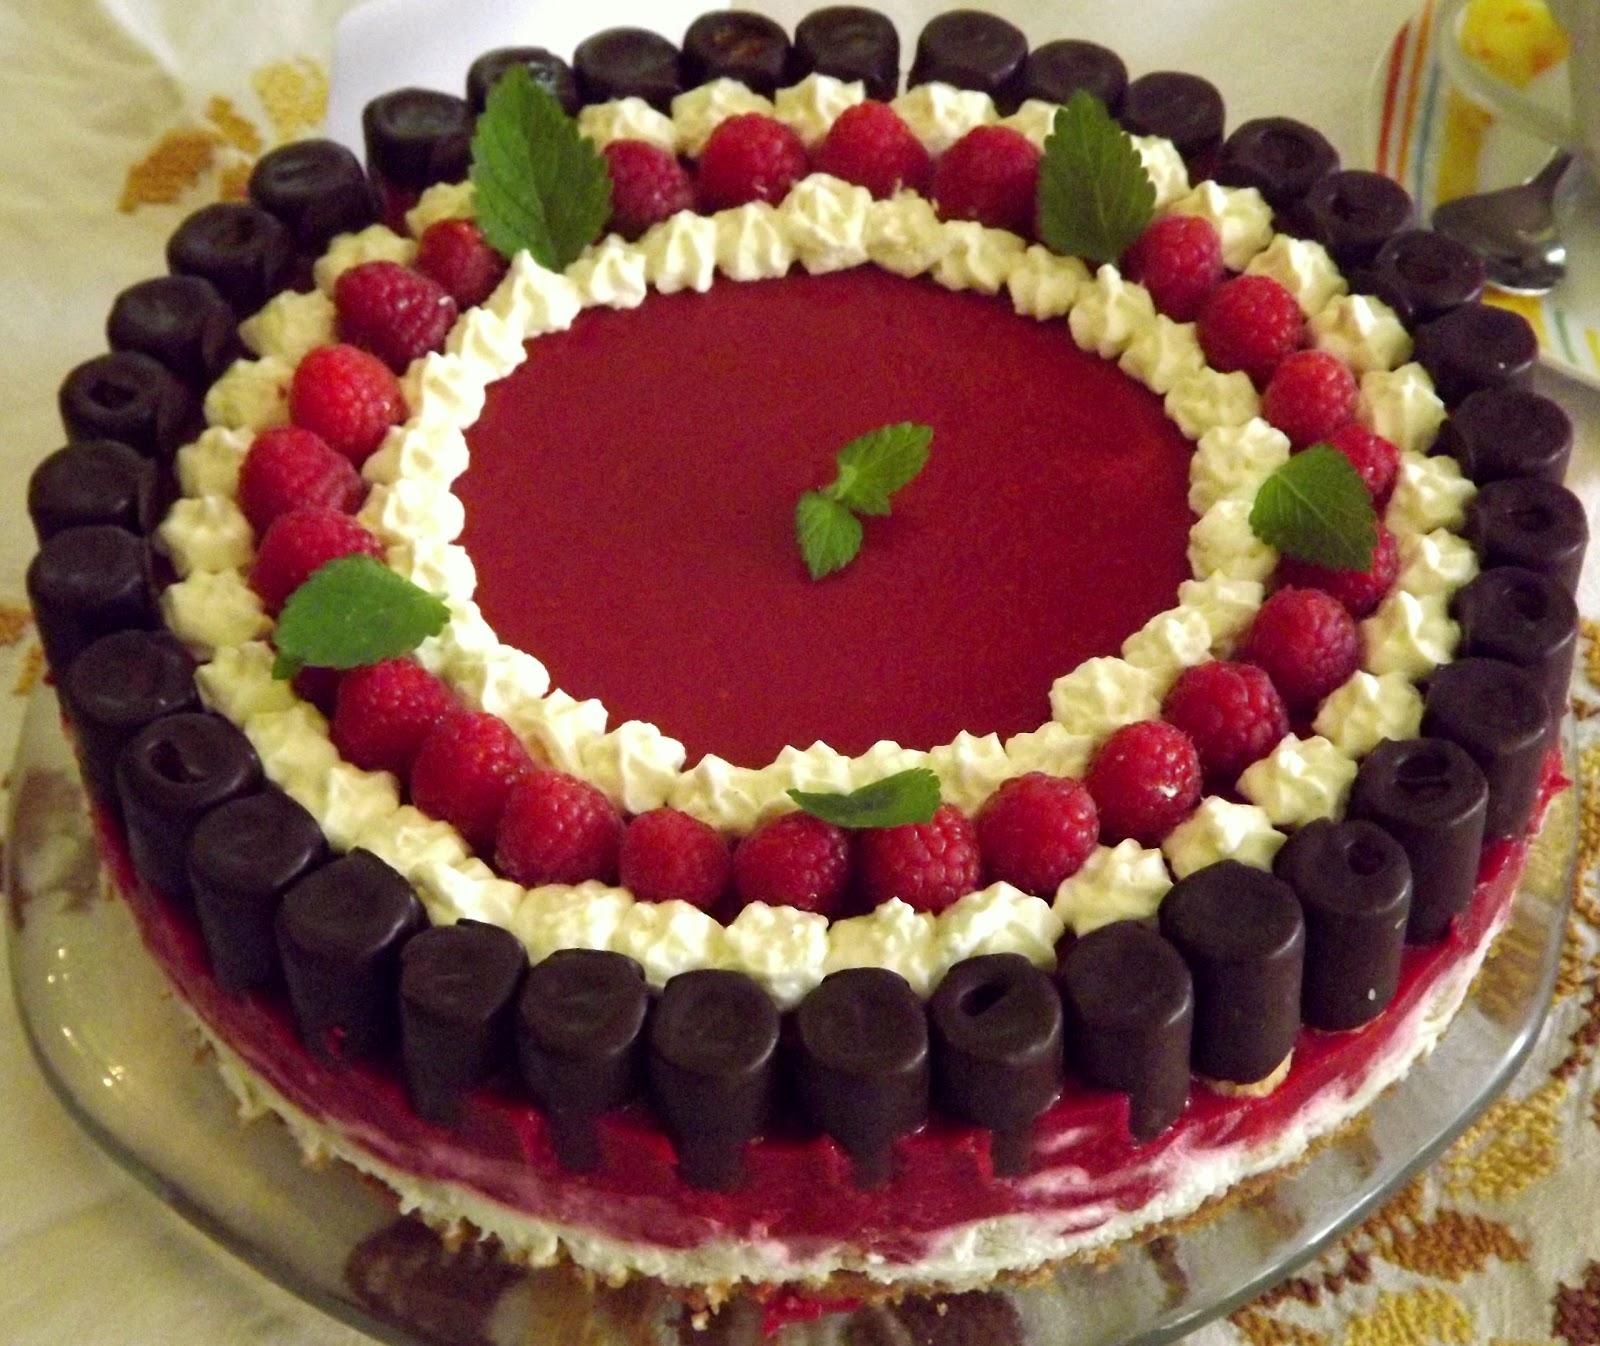 Ein wenig Zeit muss eingeplant werden da der Kuchen mind für 3 Stunden gekühlt werden sollte Die Füllungen kann man variieren und auch mal andere